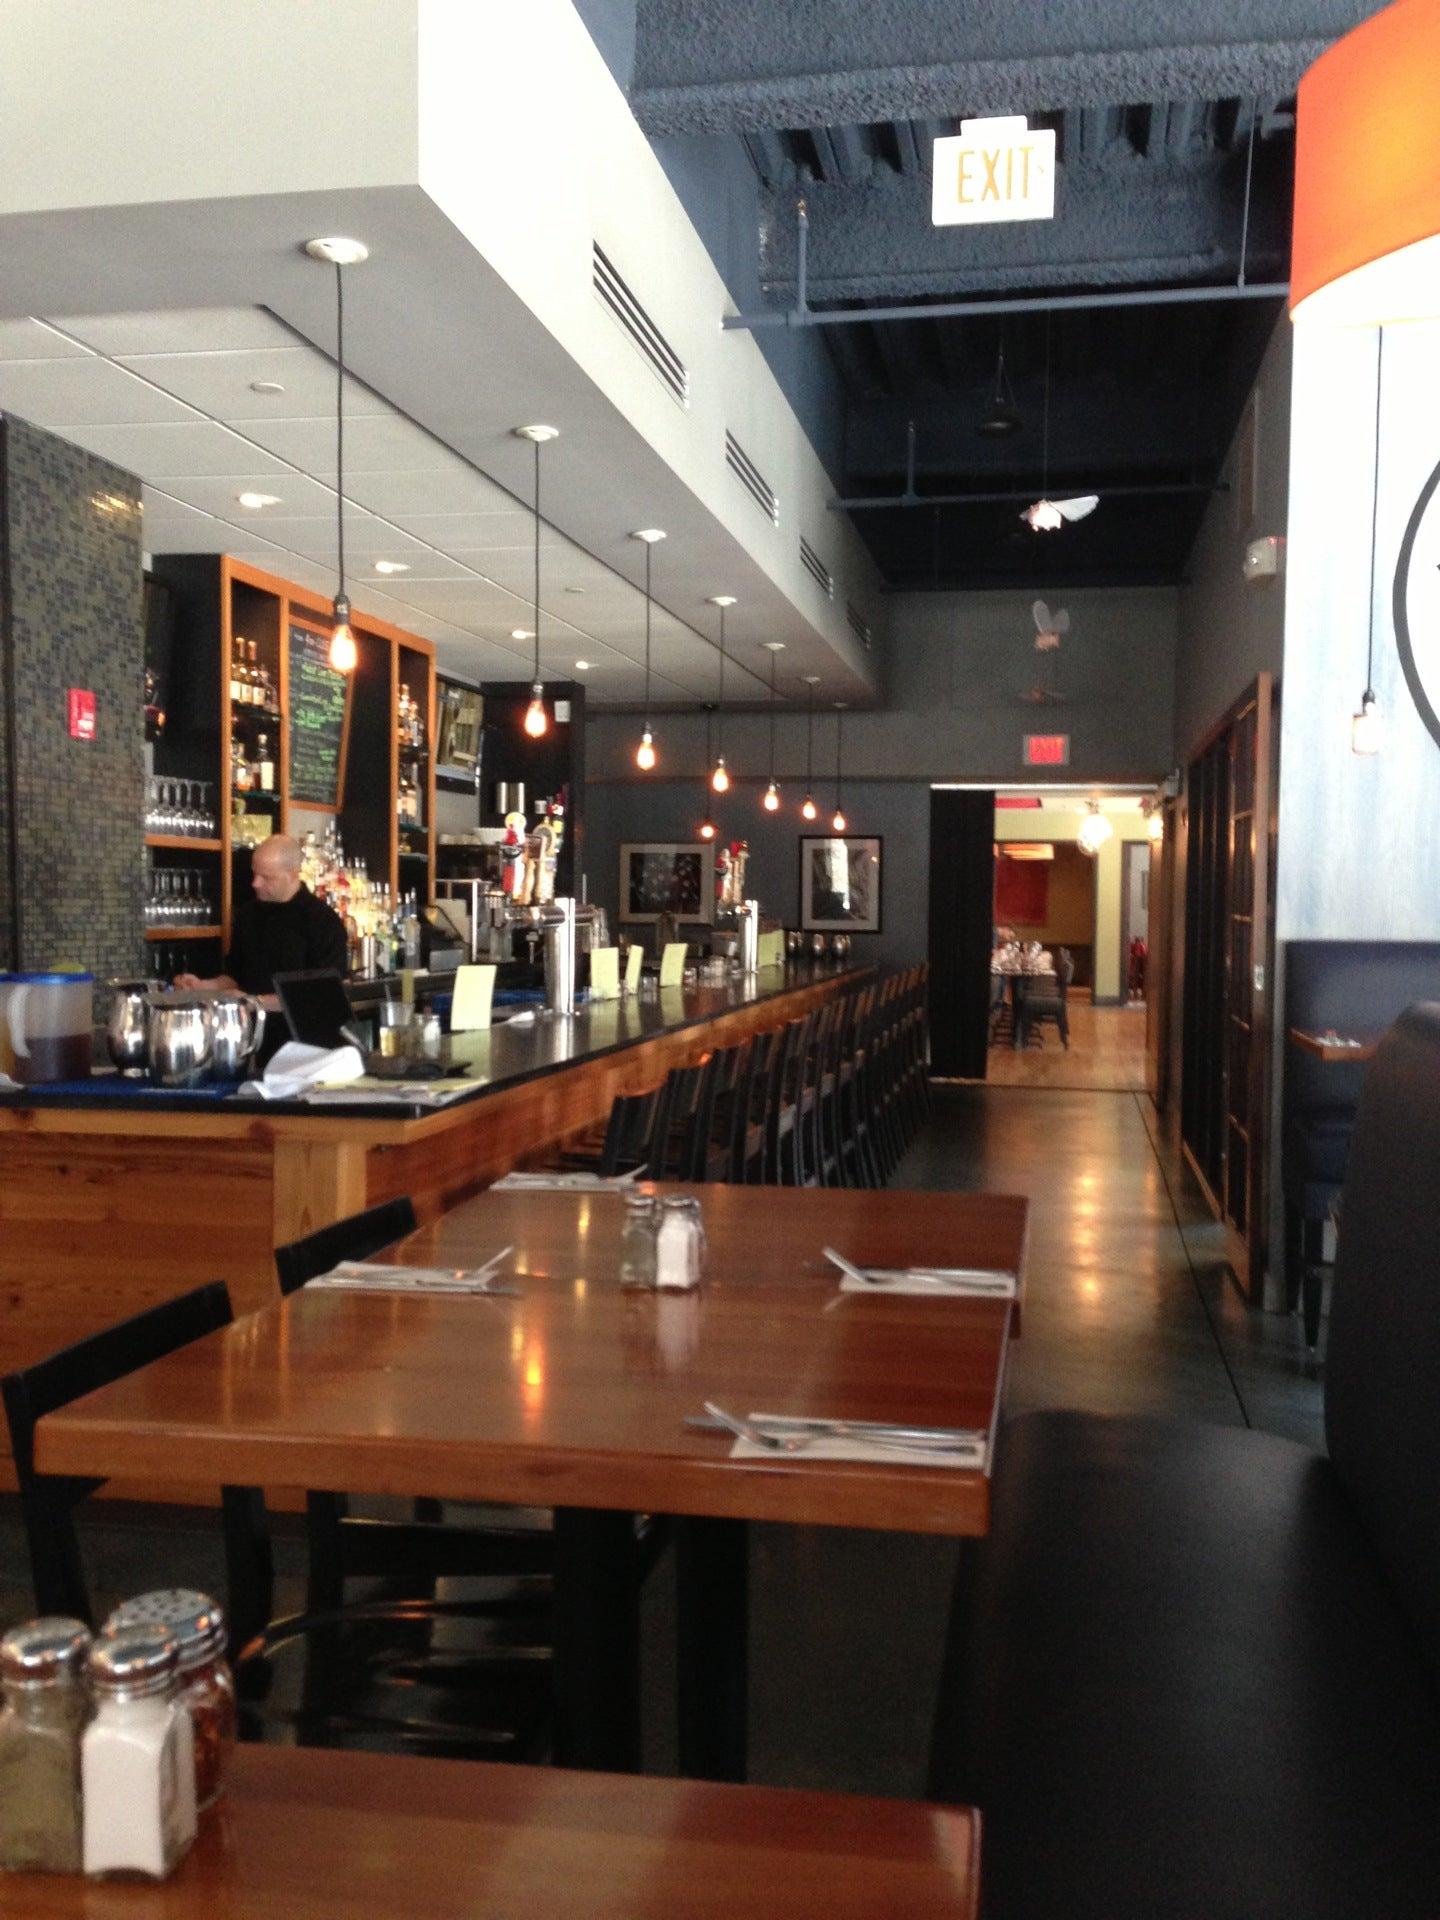 Za Restaurant in Cambridge - Parent Reviews on Winnie